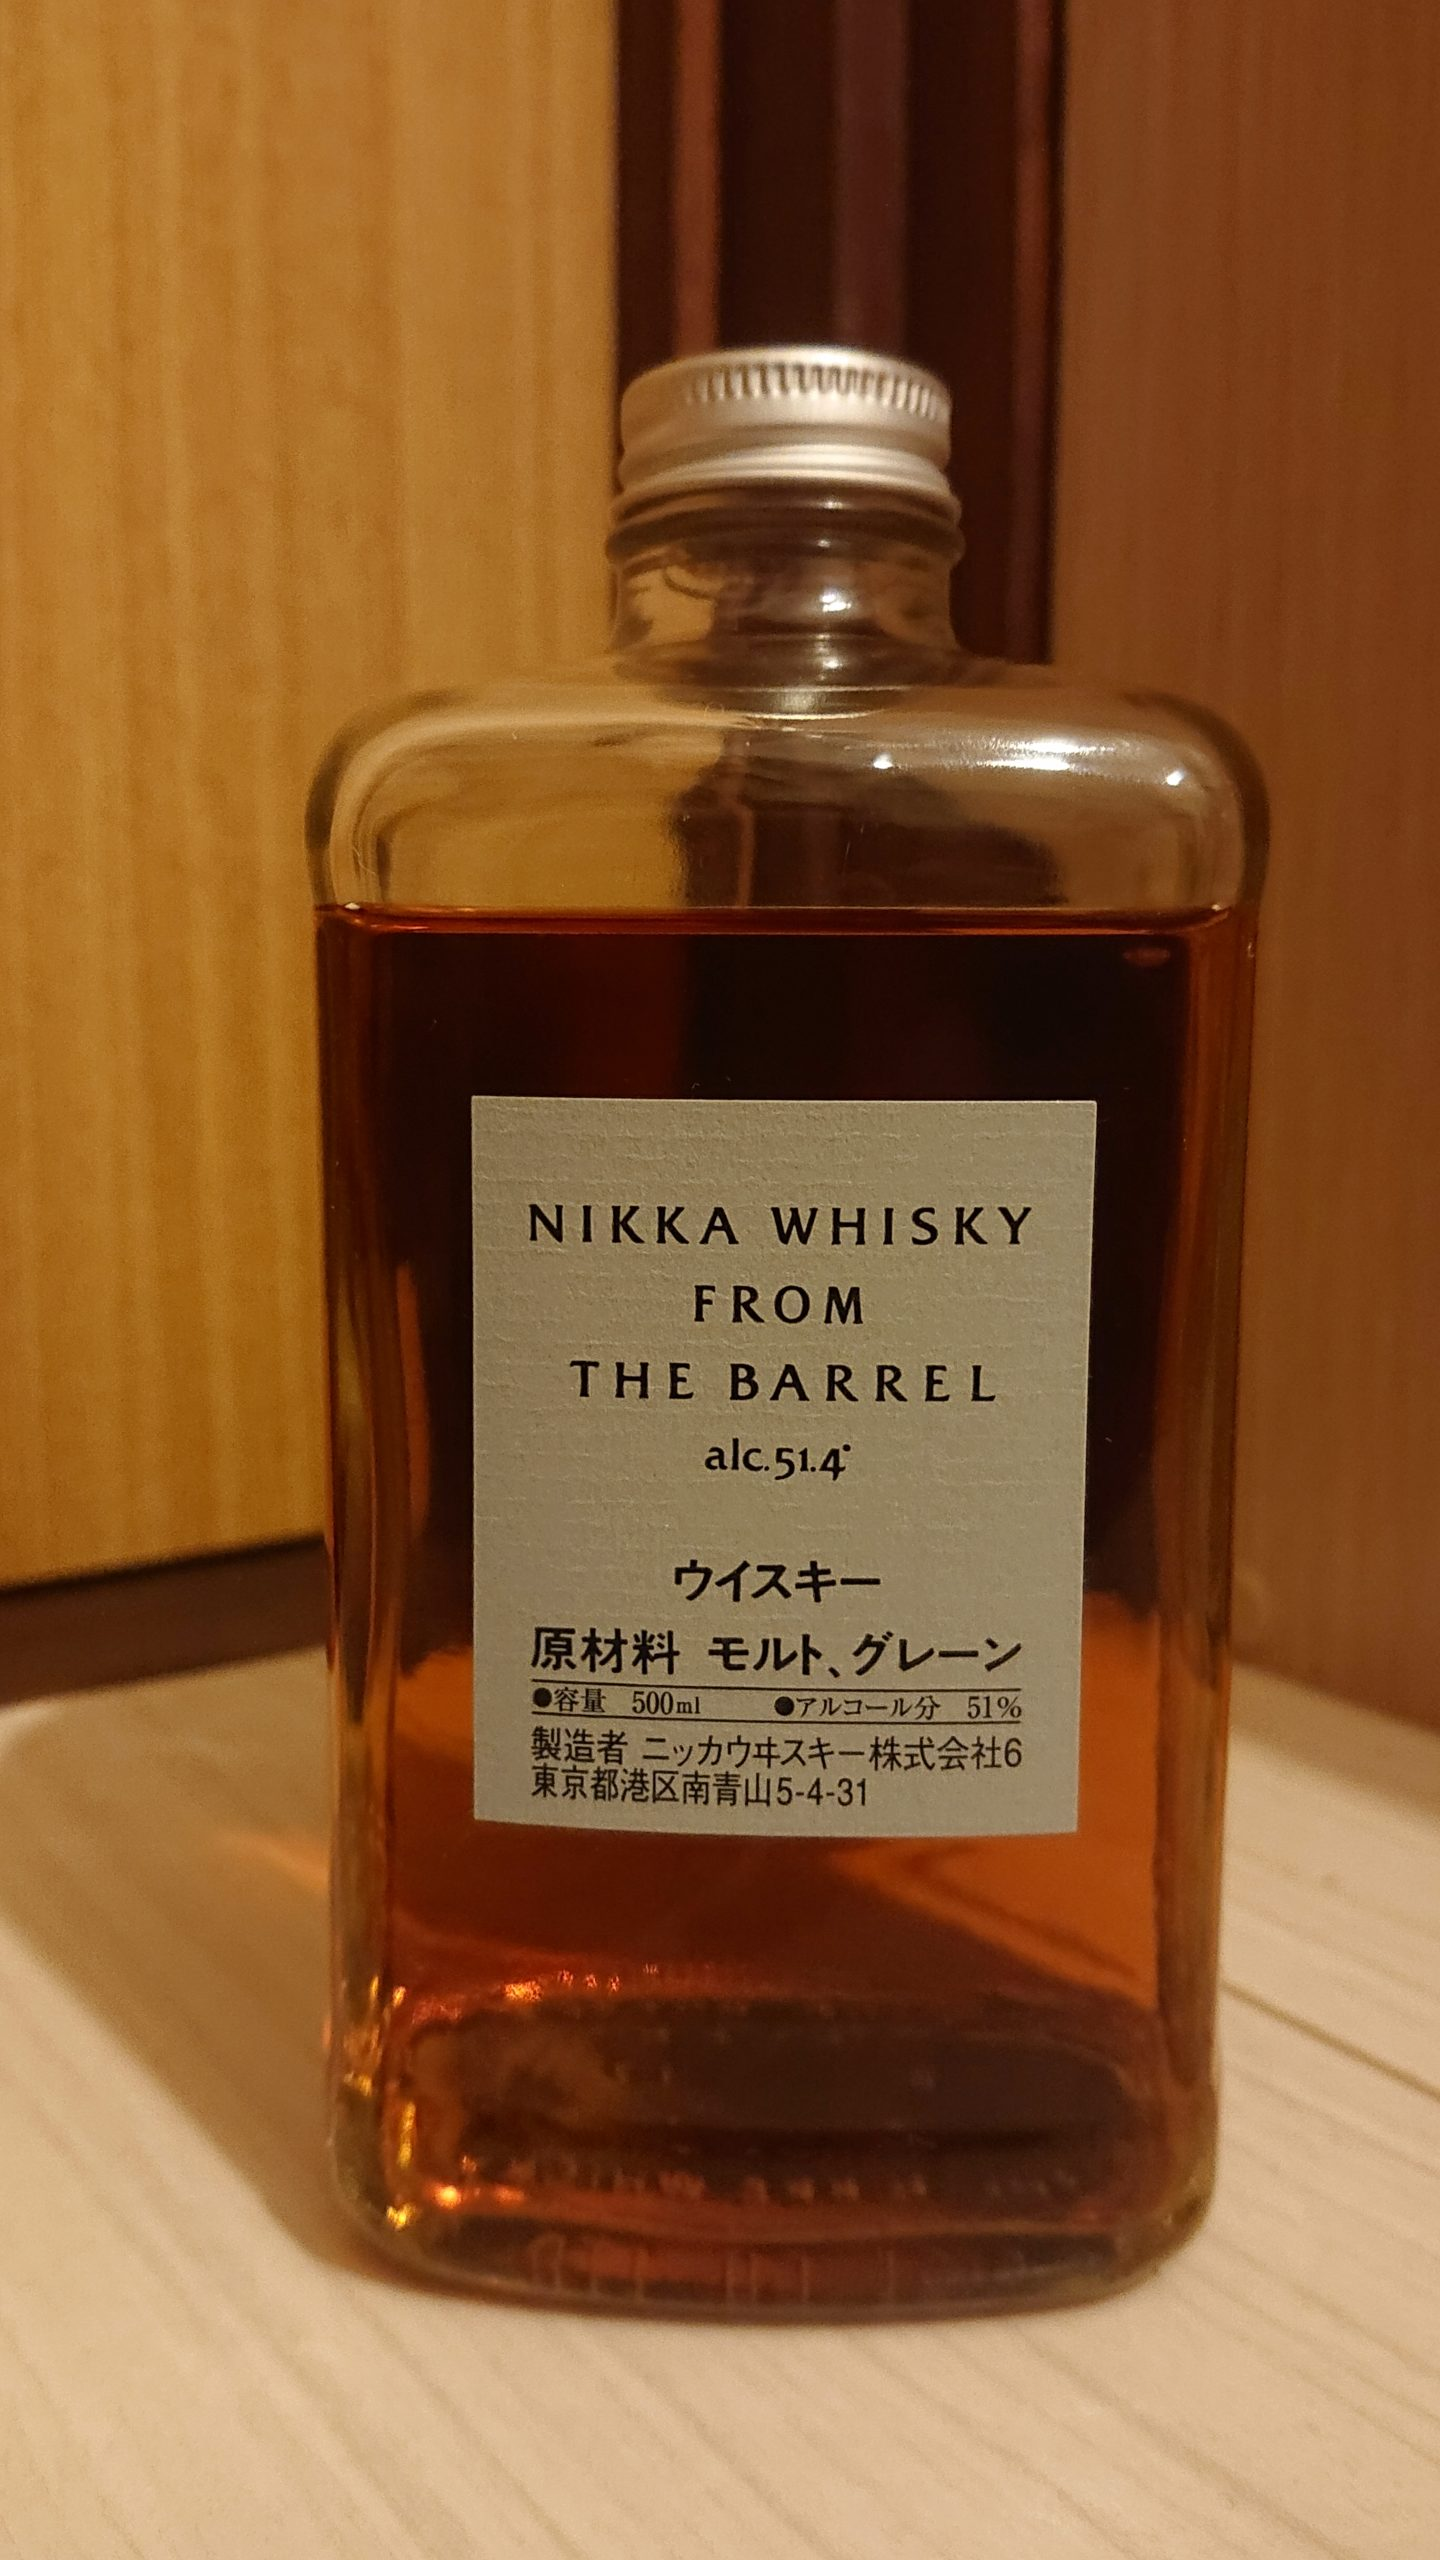 ニッカ・フロムザバレルのテイスティング・これぞ庶民の宝!値段にそぐわぬ超芳醇ウィスキー